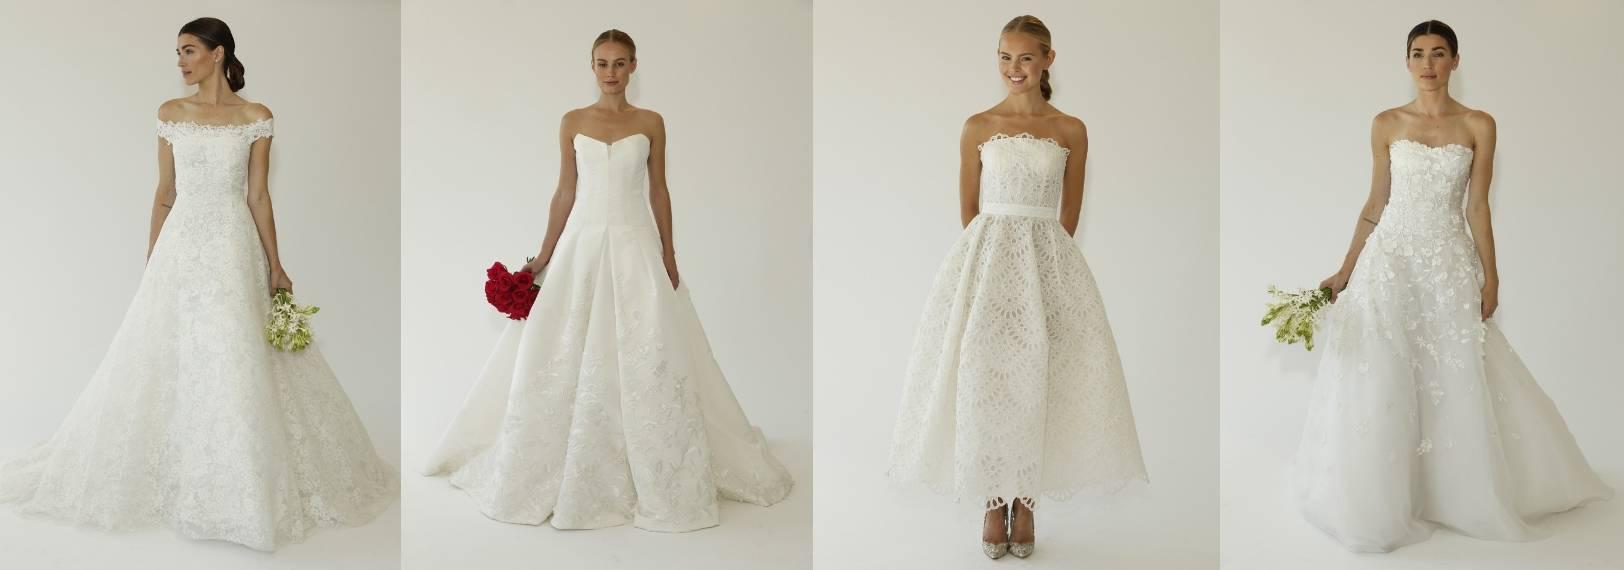 Стильное свадебное платье своими руками 35